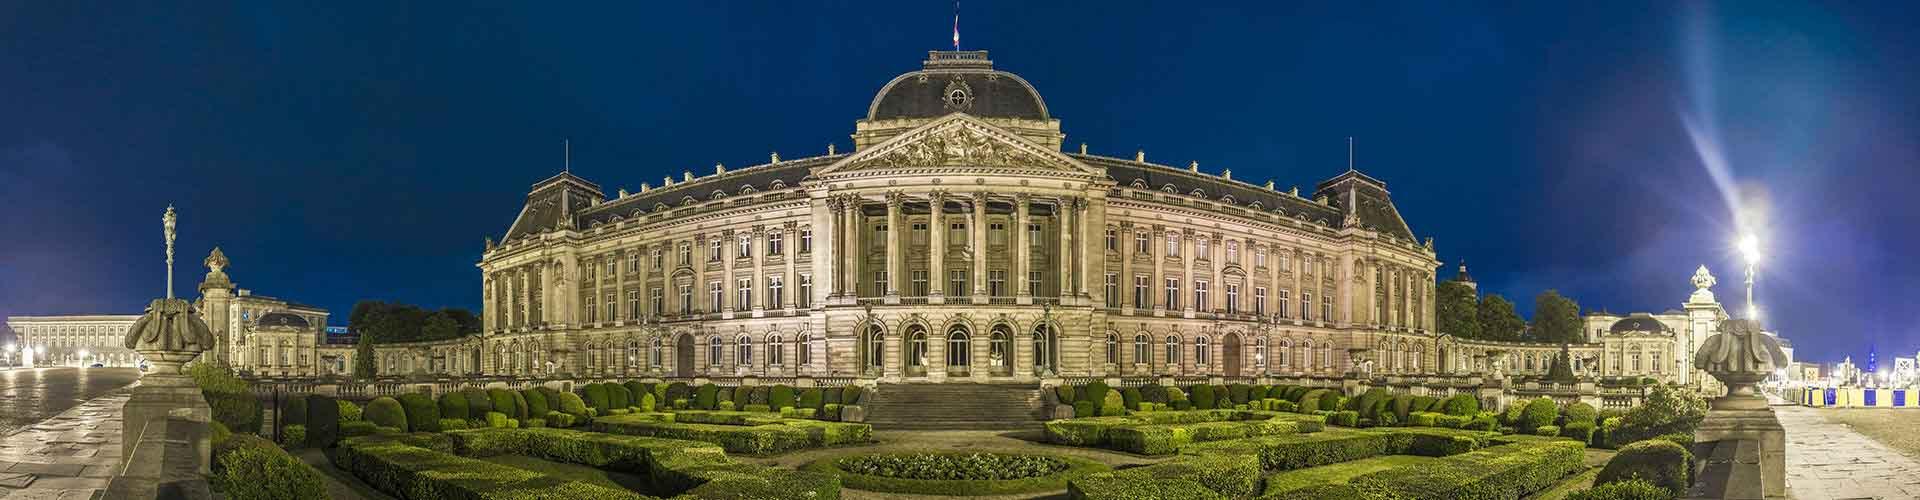 Brüssel - Hotels in Brüssel. Brüssel auf der Karte. Fotos und Bewertungen für jedes Hotel in Brüssel.